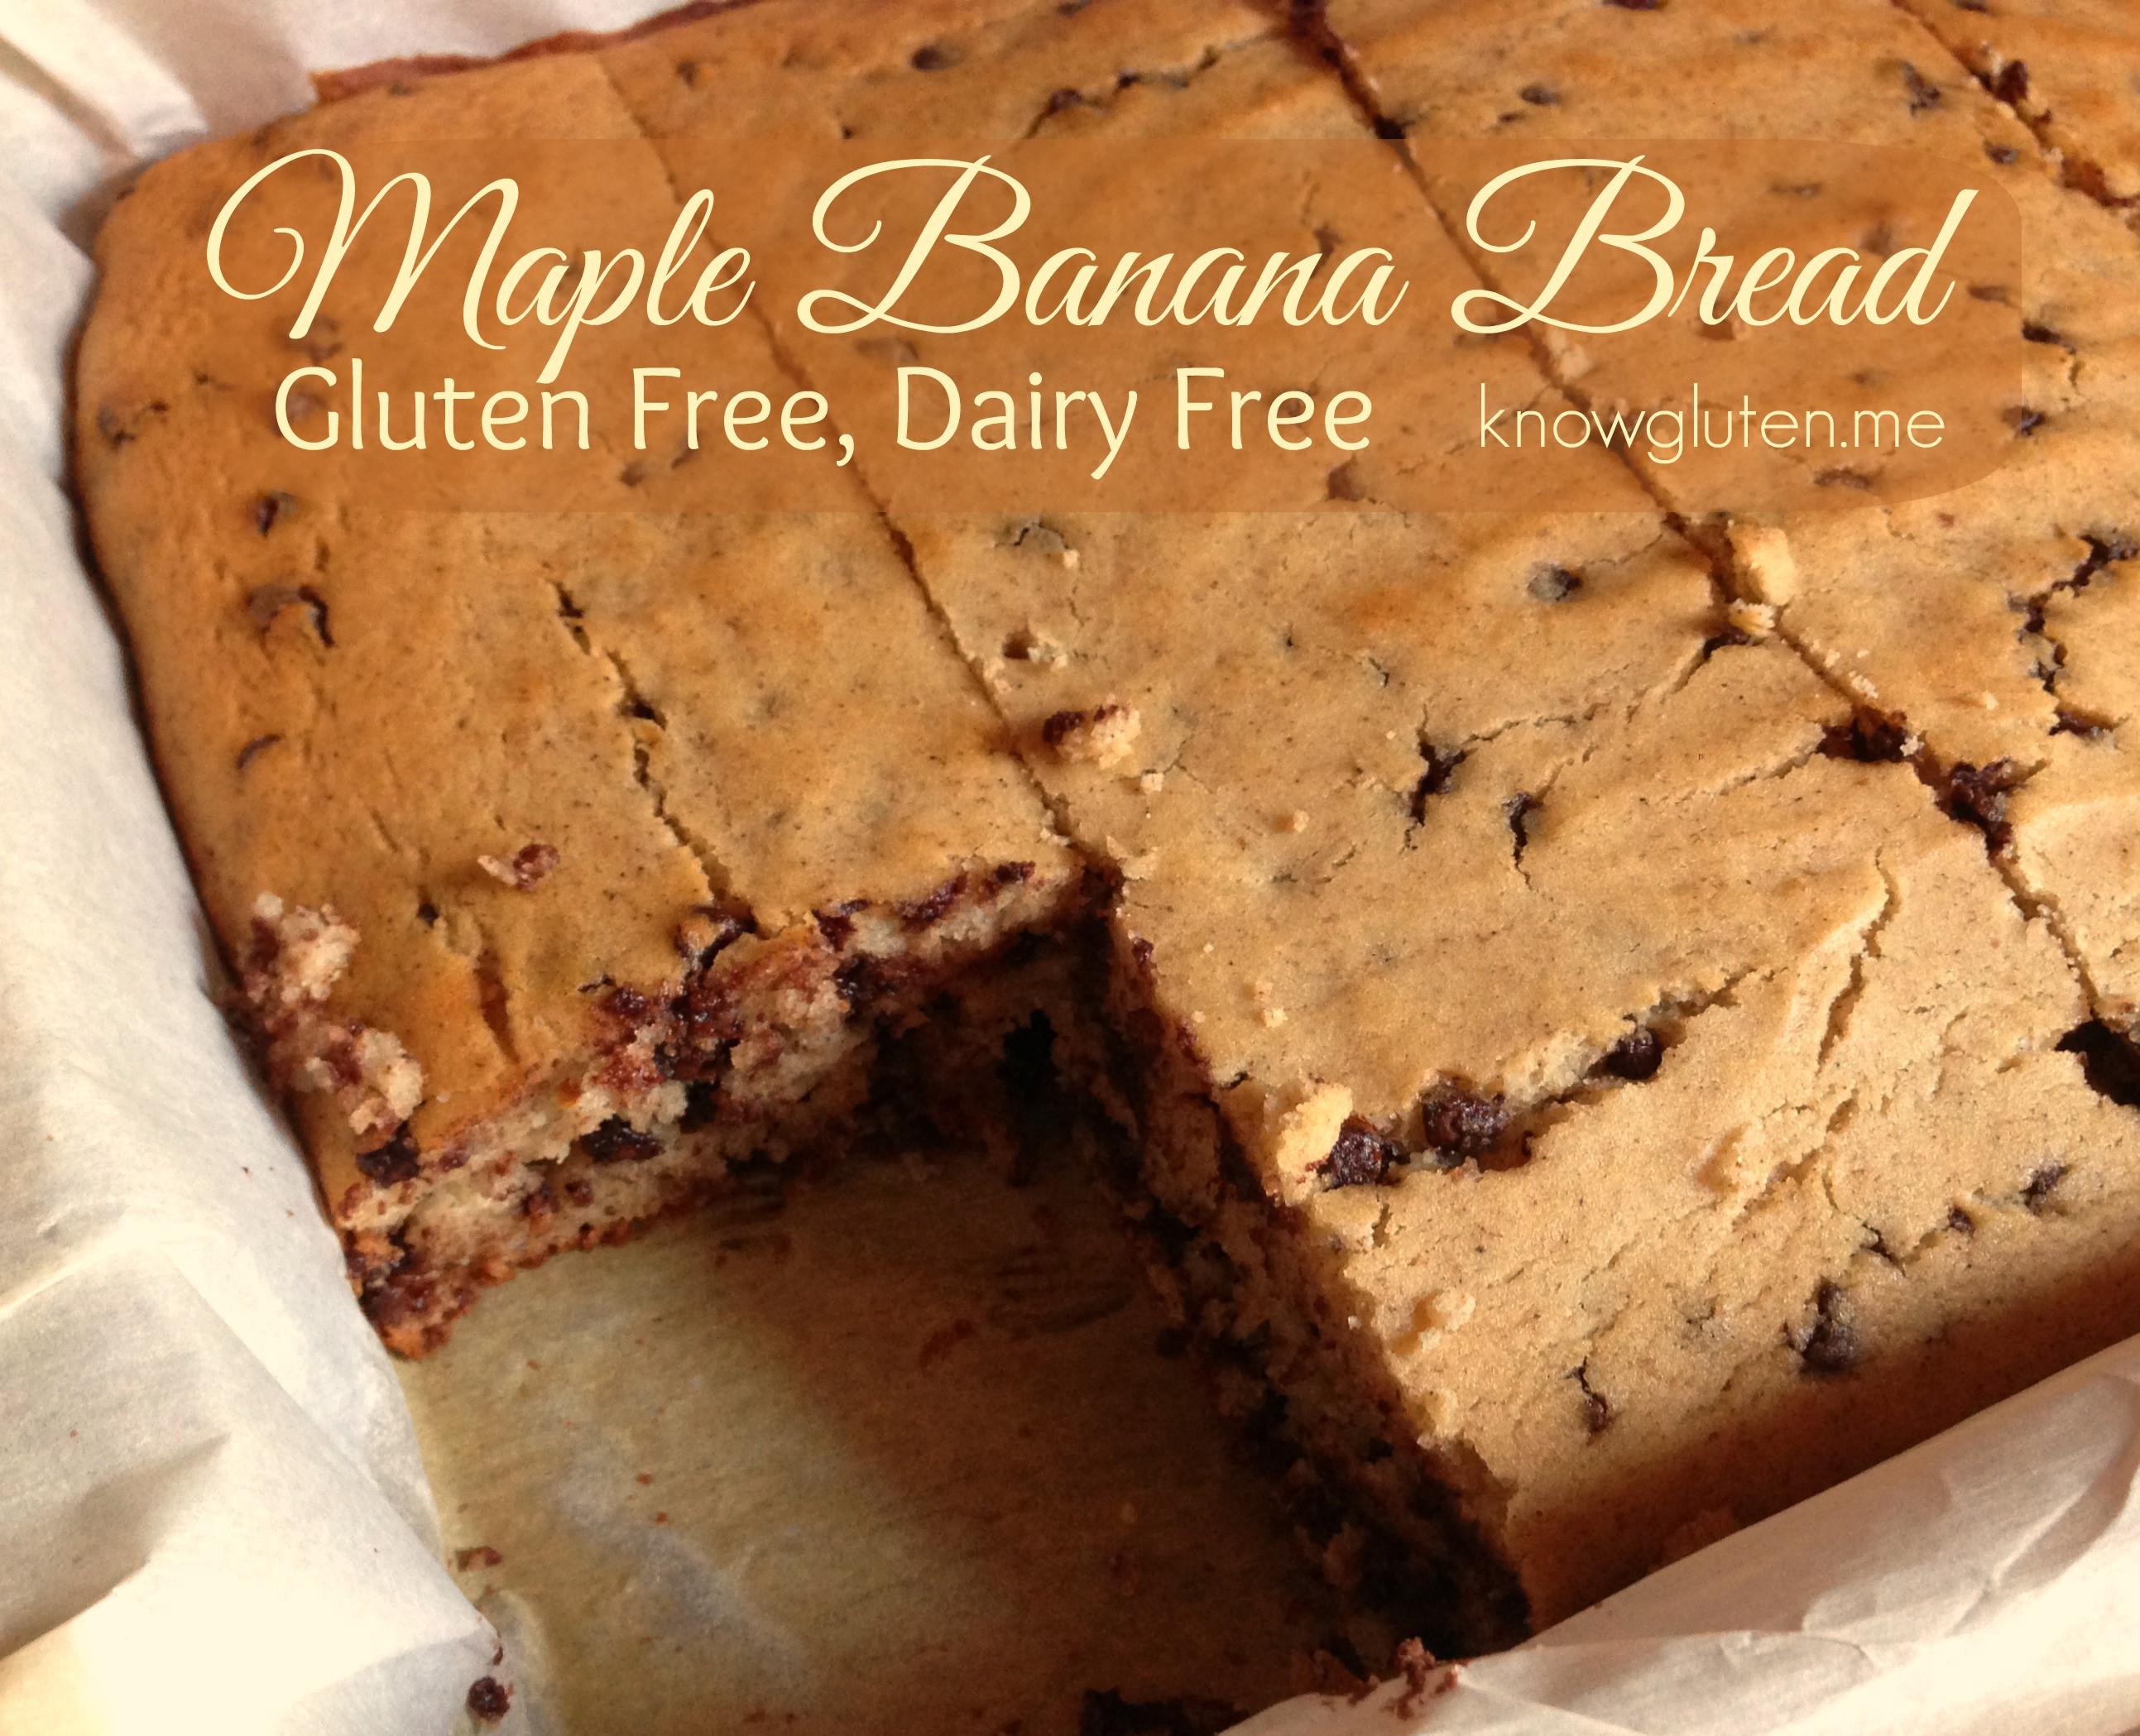 Gluten And Dairy Free Bread  Gluten Free Dairy Free Maple Banana Bread know gluten